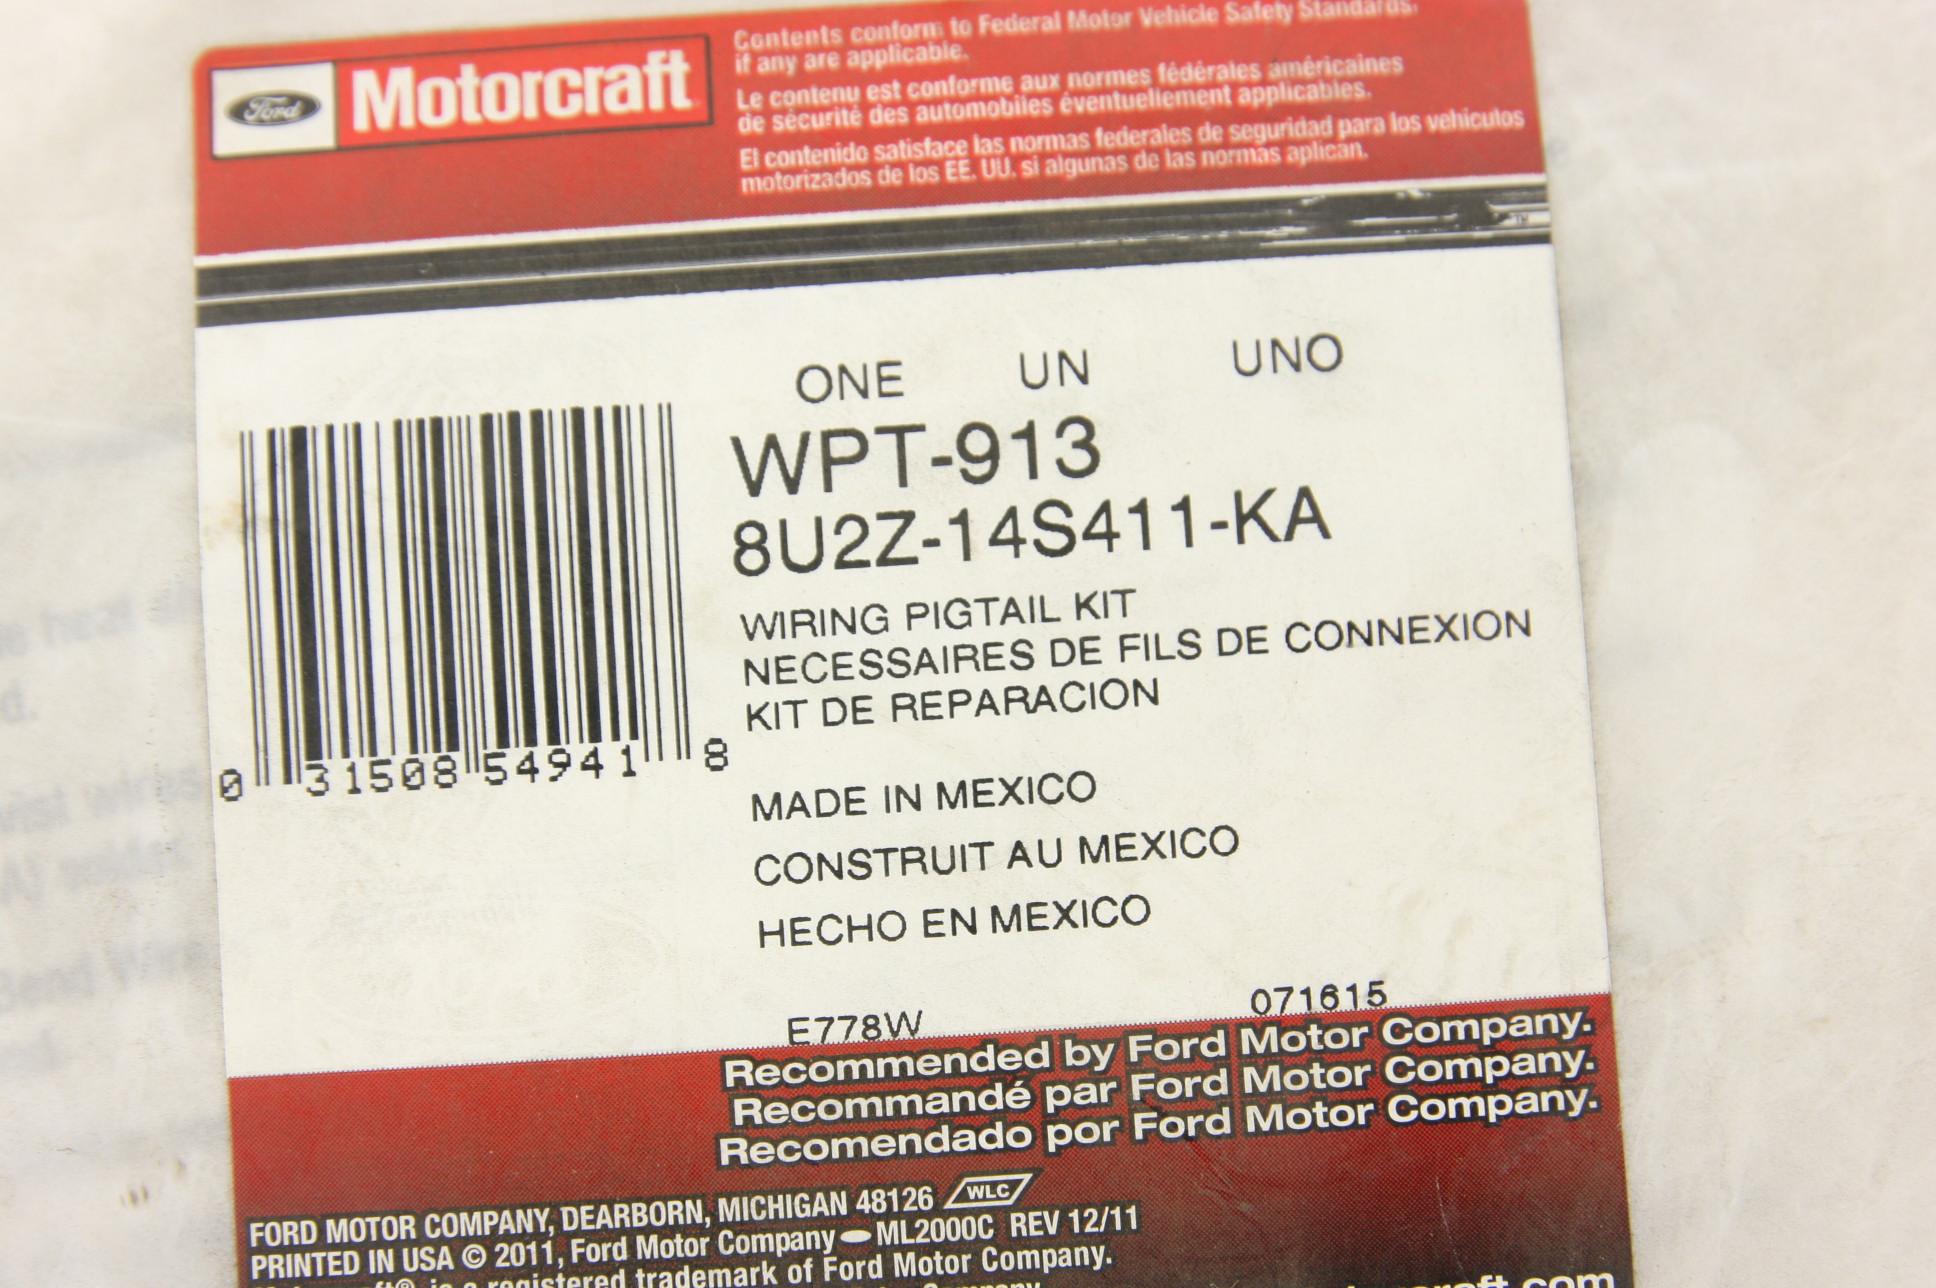 New Ford Oem 8u2z14s411ka Pigtail Wiring Kit Milan Zephyr Free Motor Shipping Nip